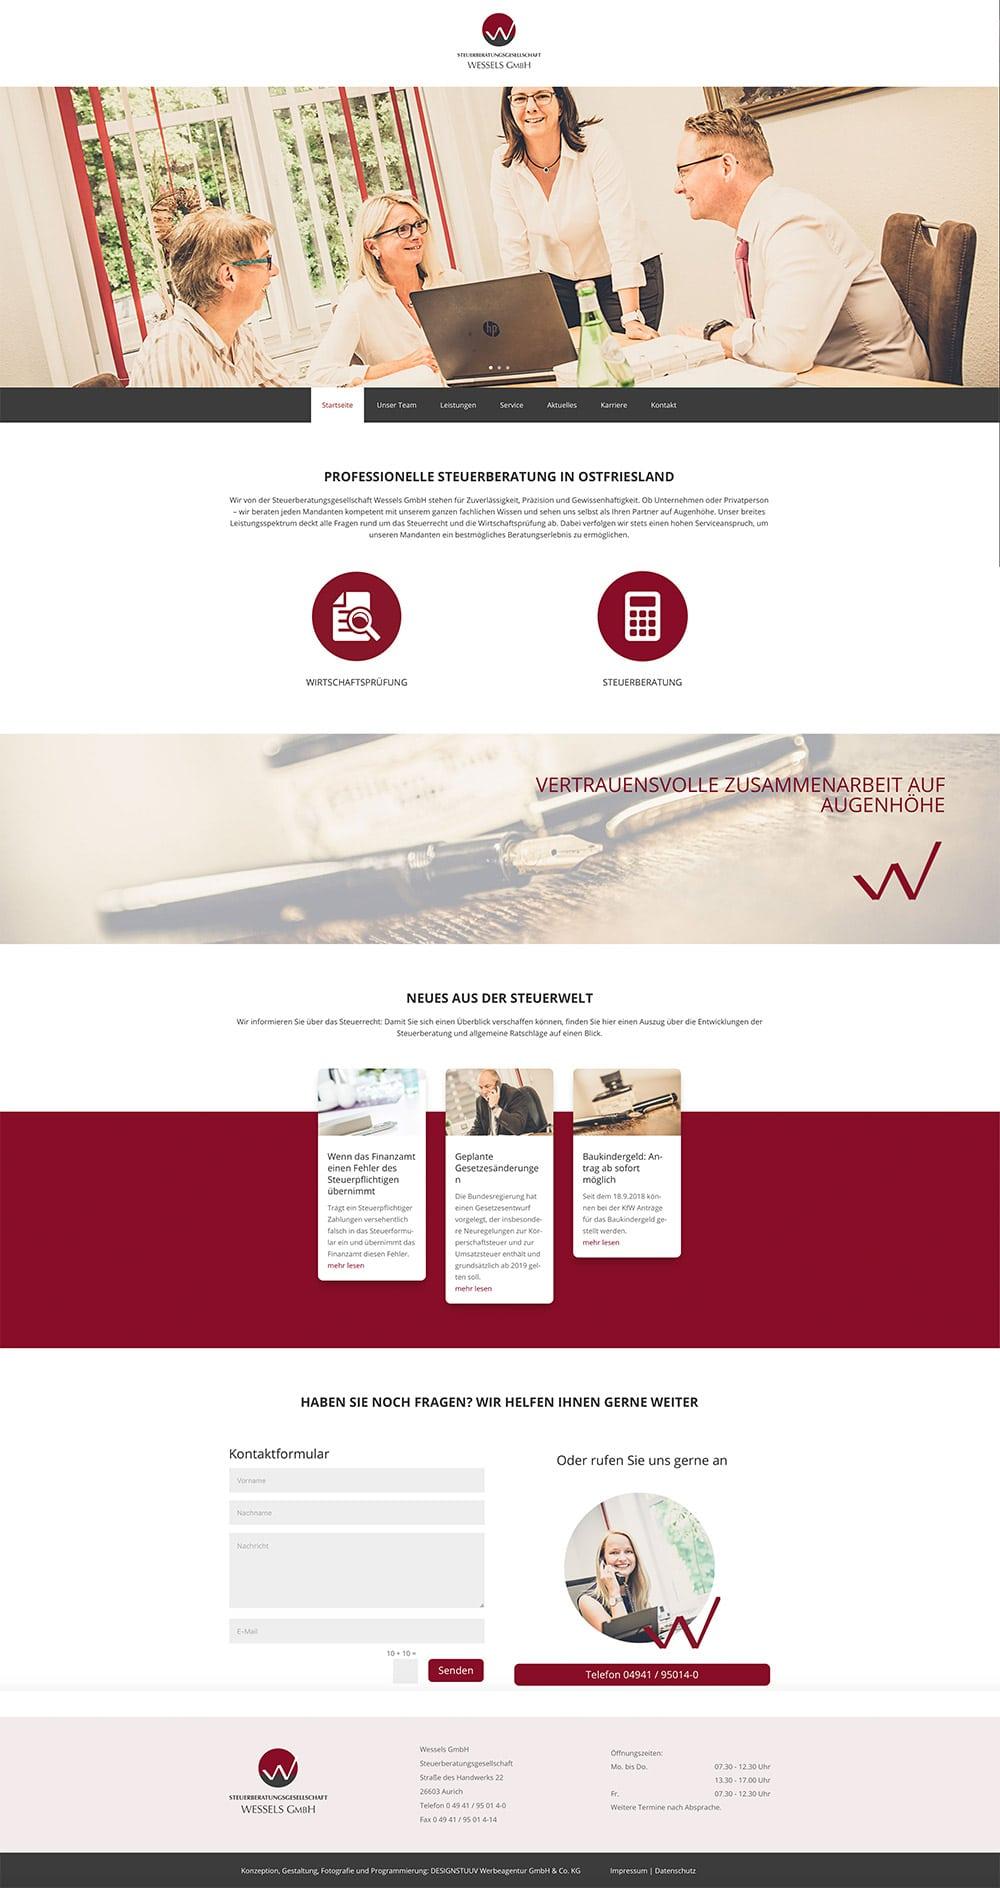 DESIGNSTUUV Werbeagentur GmbH & Co. KG | Aurich | Ostfriesland | Steuerberatungsgesellschaft Wessels GmbH